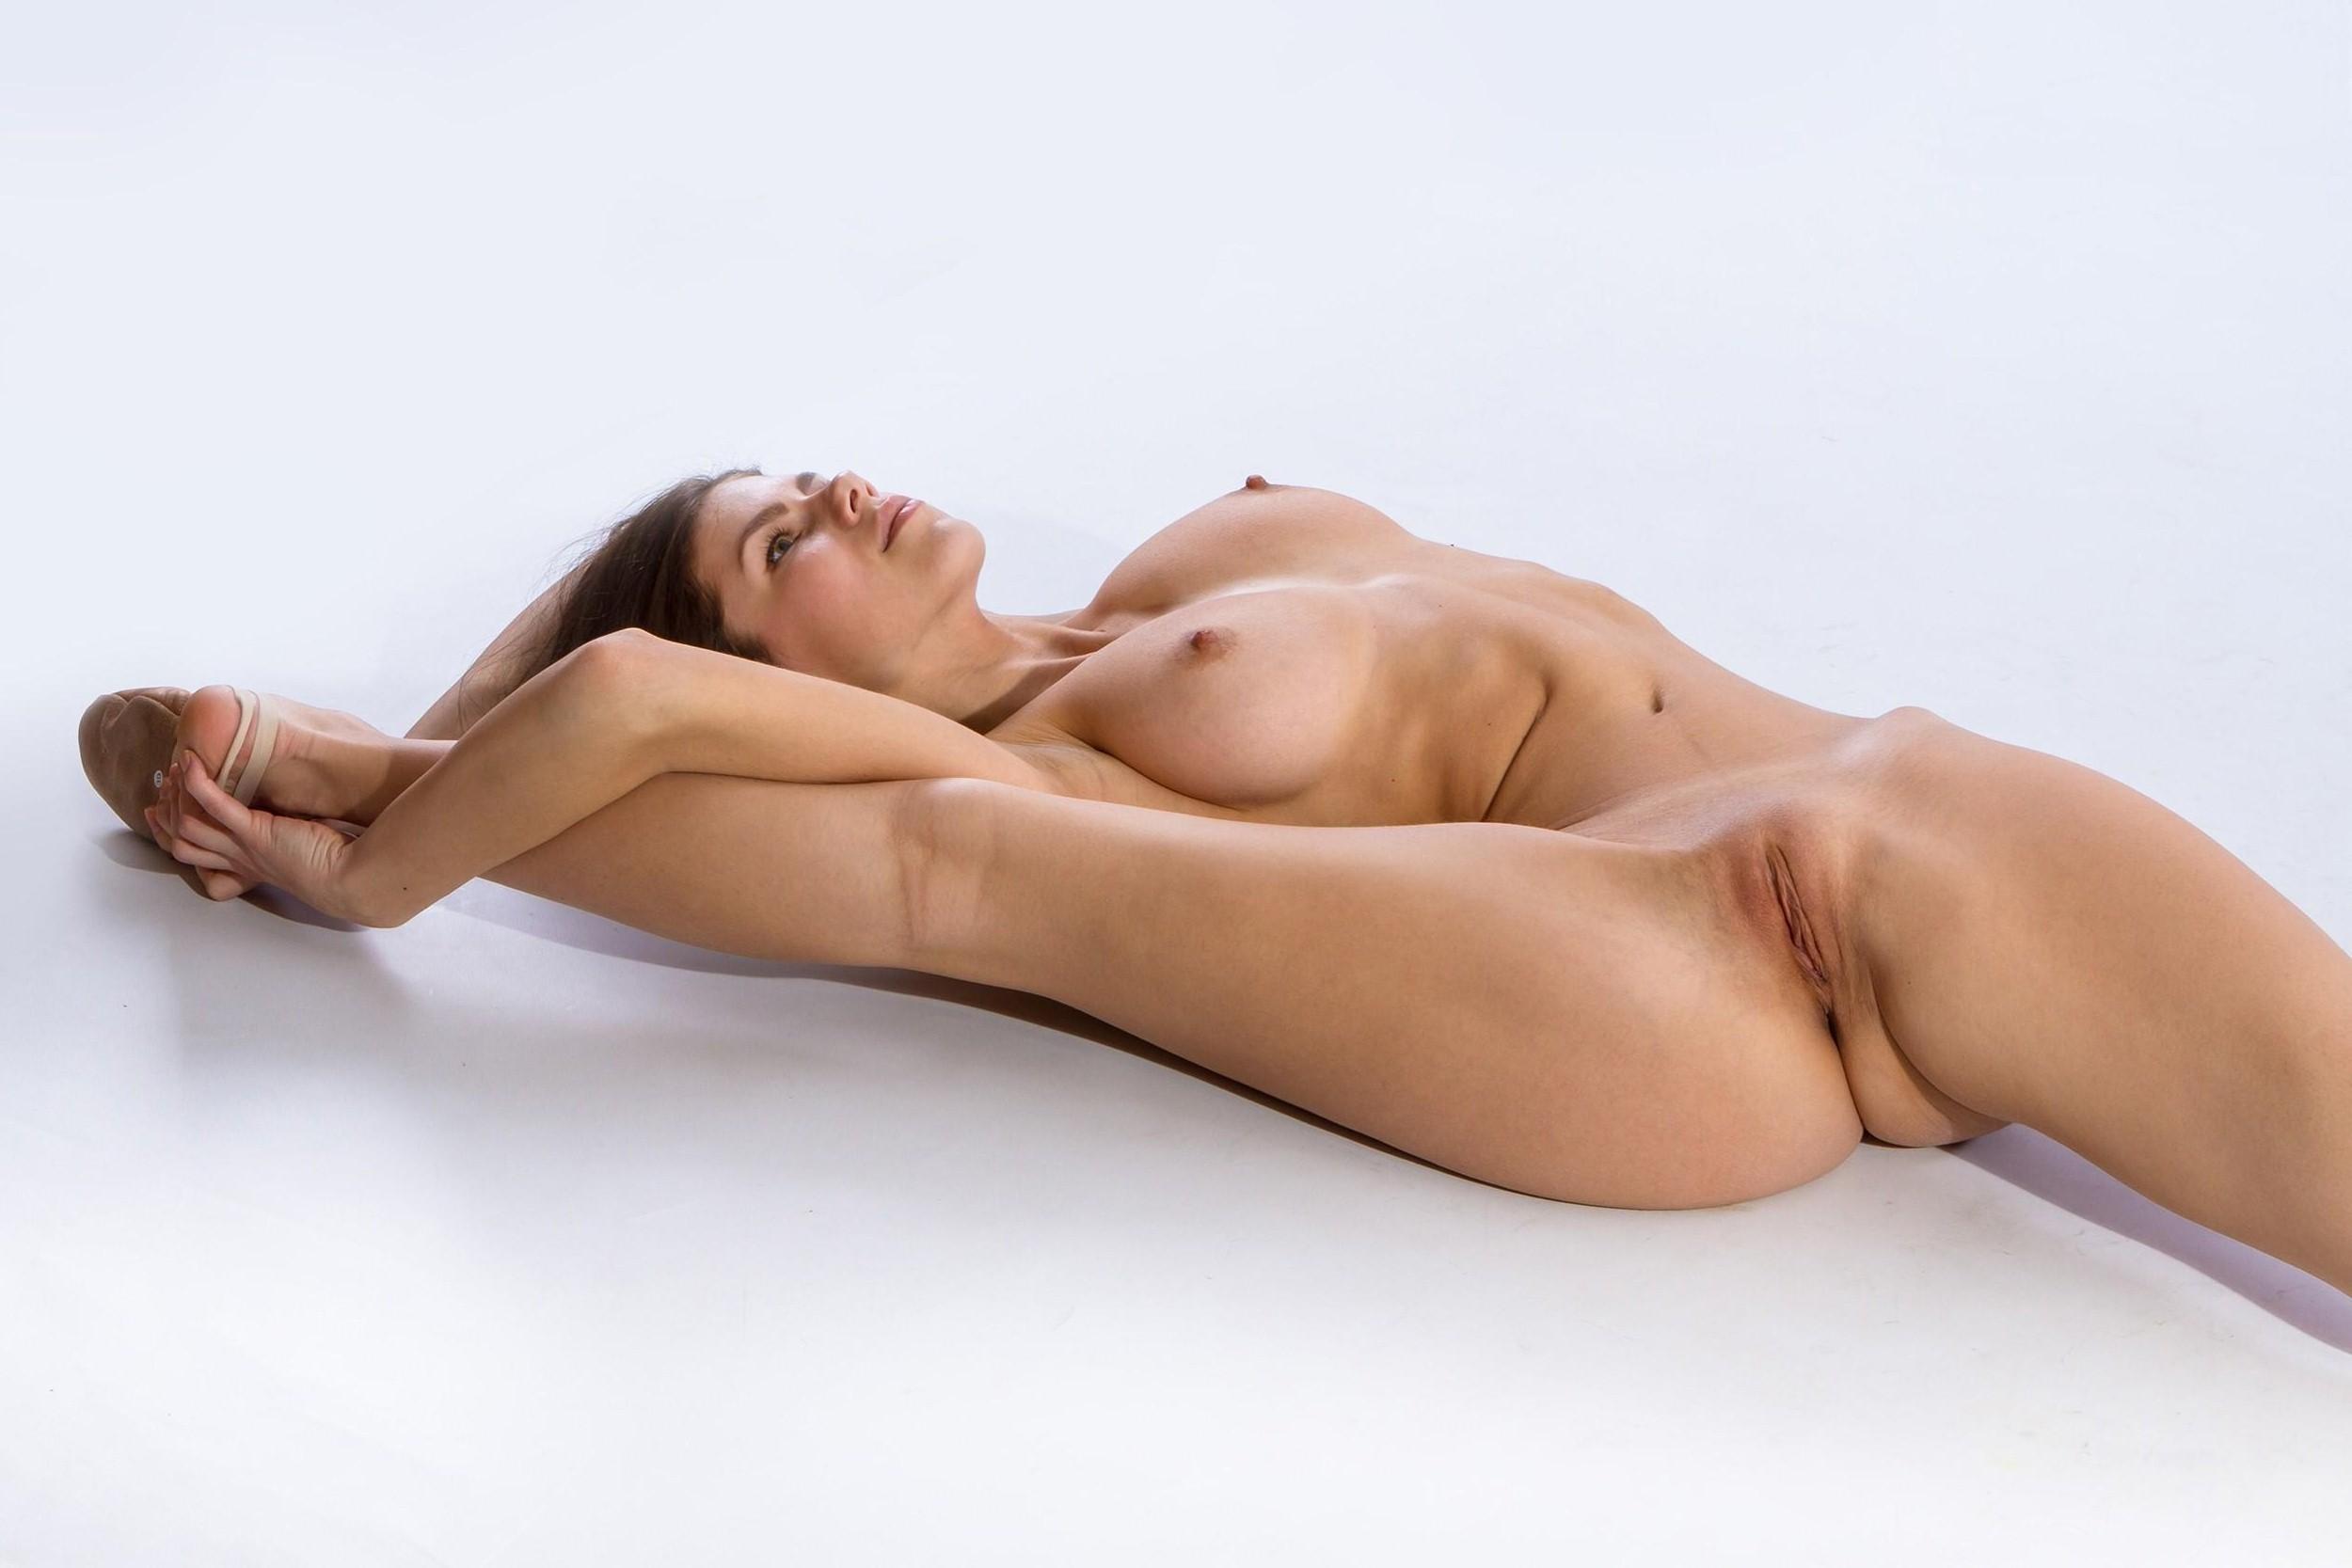 женщины голые на растяжке фото крупным - 10